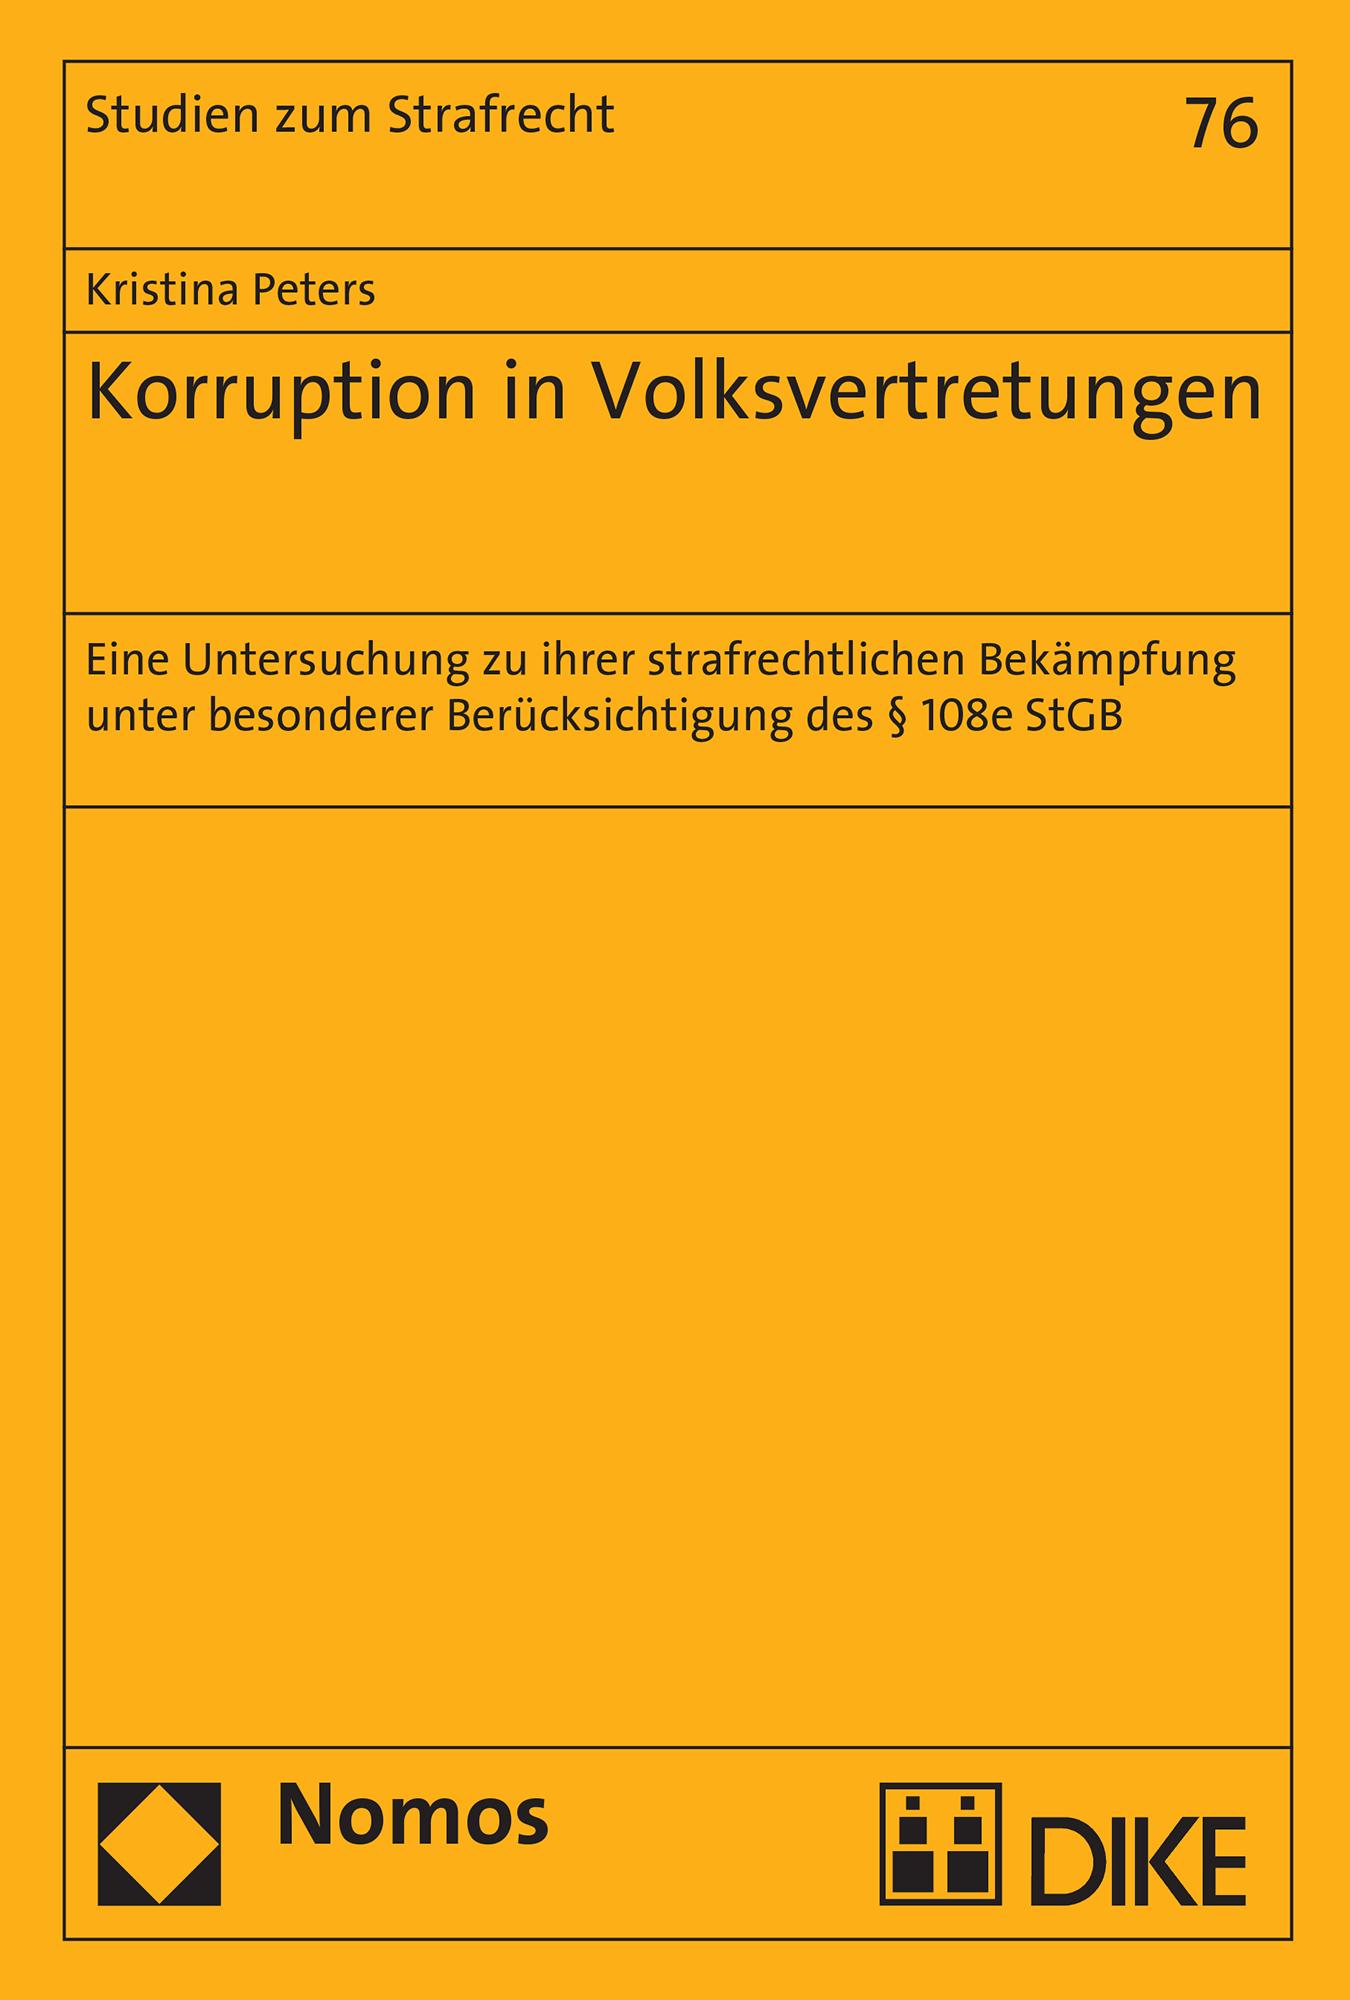 Korruption in Volksvertretungen